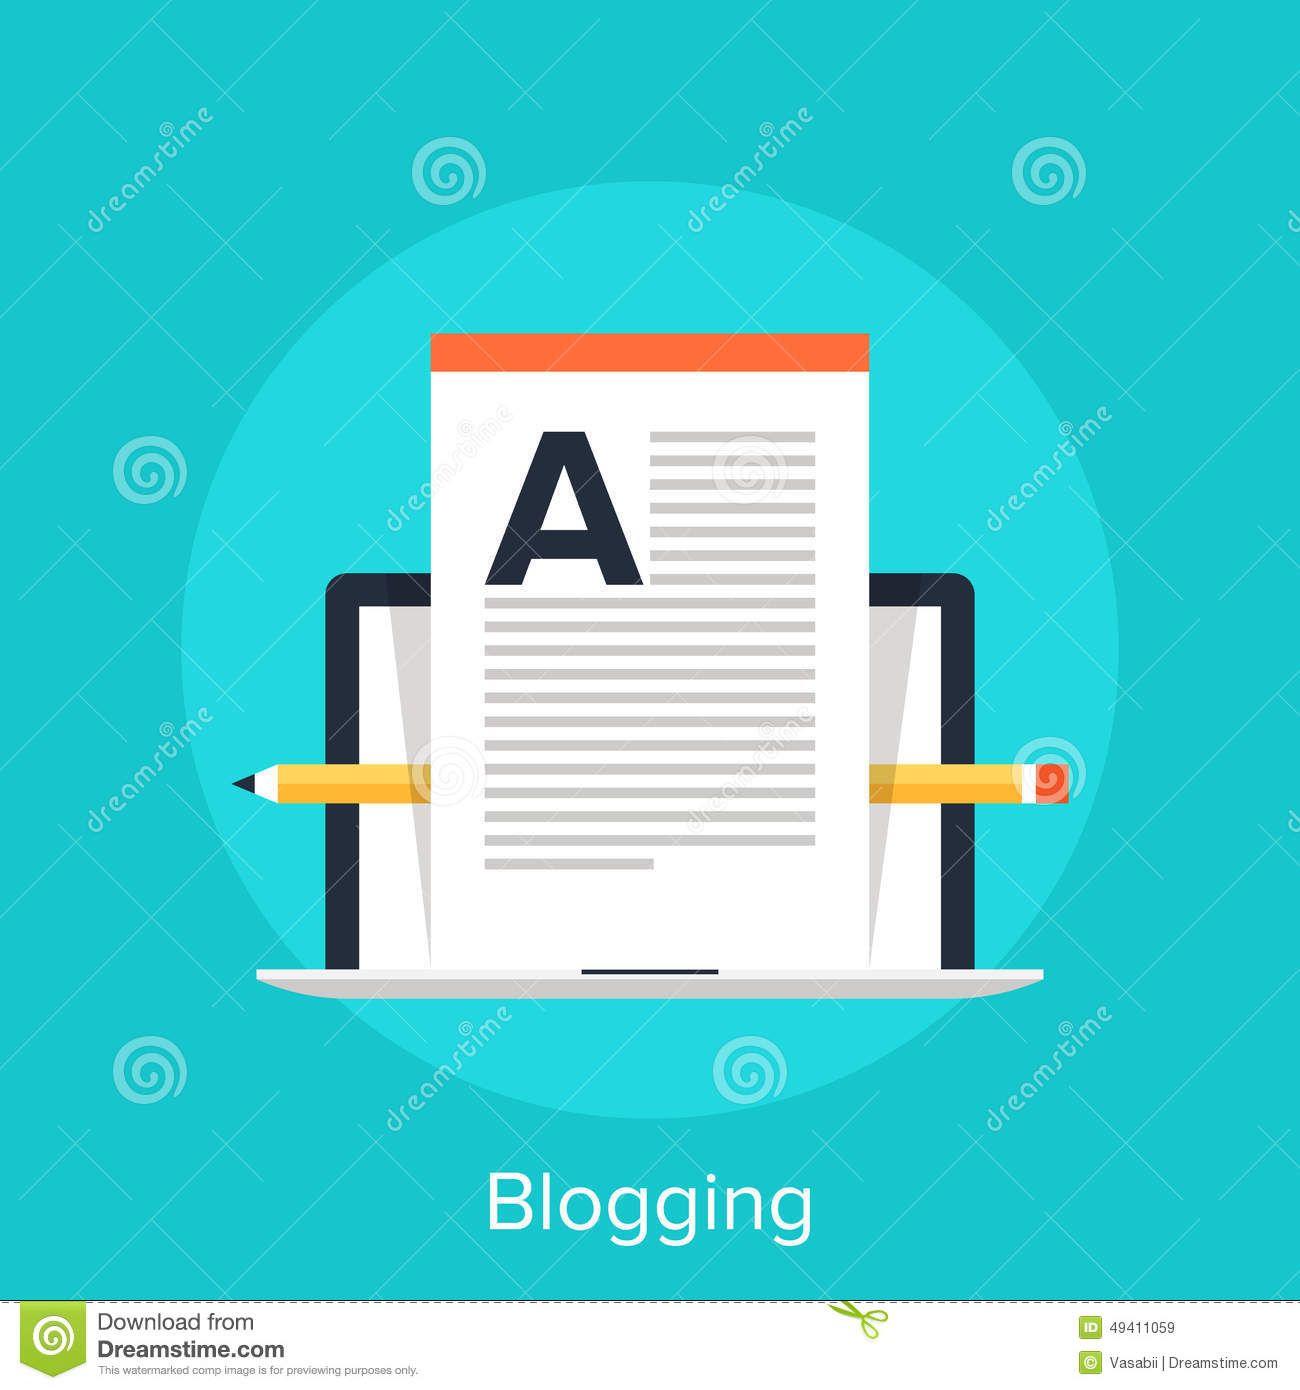 Vector illustration of blogging flat design concept. - Visit WebtalkMedia.com for info on blogging!